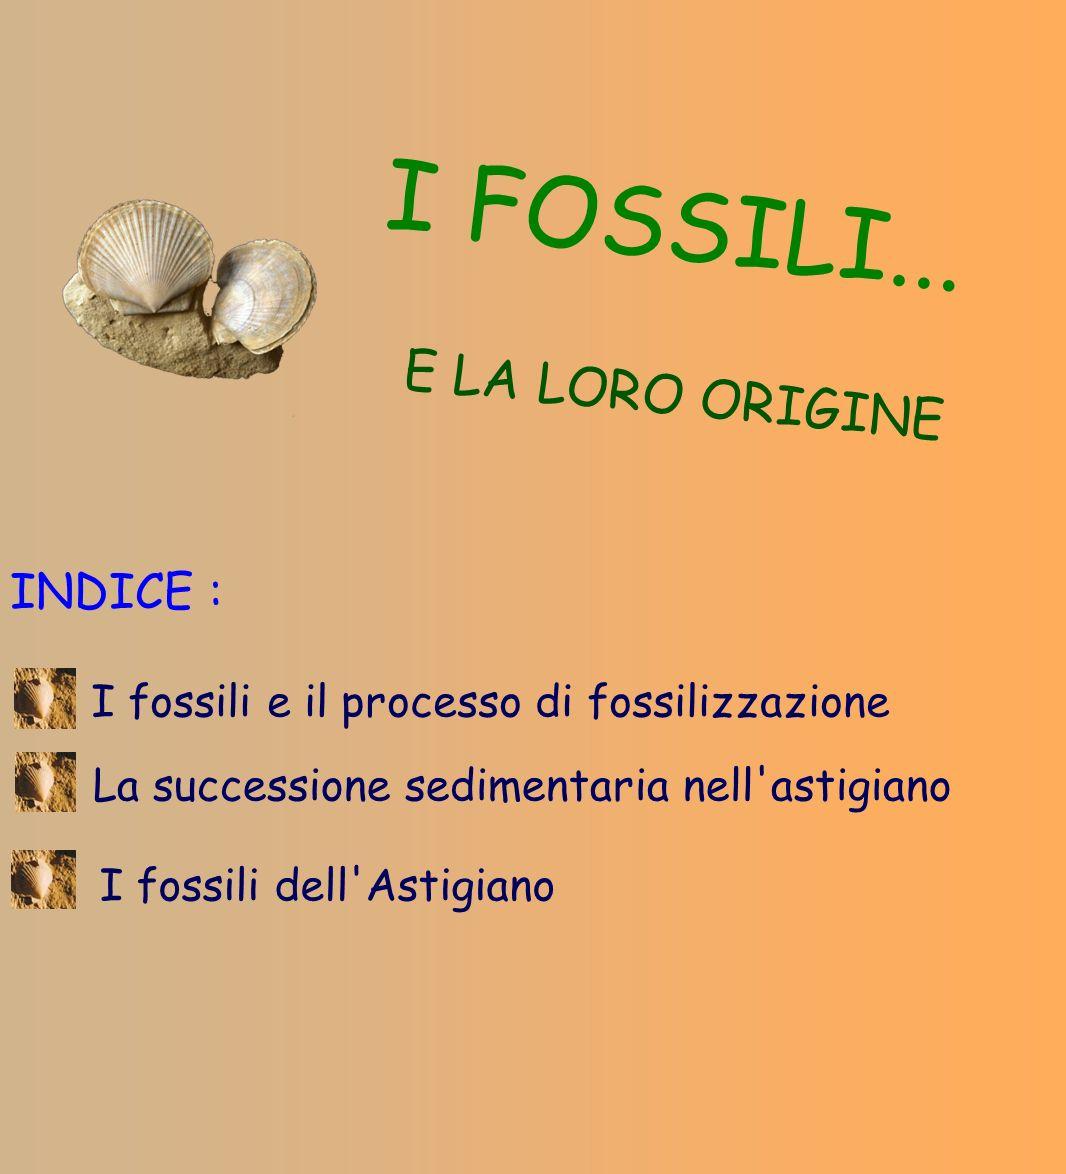 I FOSSILI... E LA LORO ORIGINE INDICE : I fossili e il processo di fossilizzazione I fossili dell'Astigiano La successione sedimentaria nell'astigiano